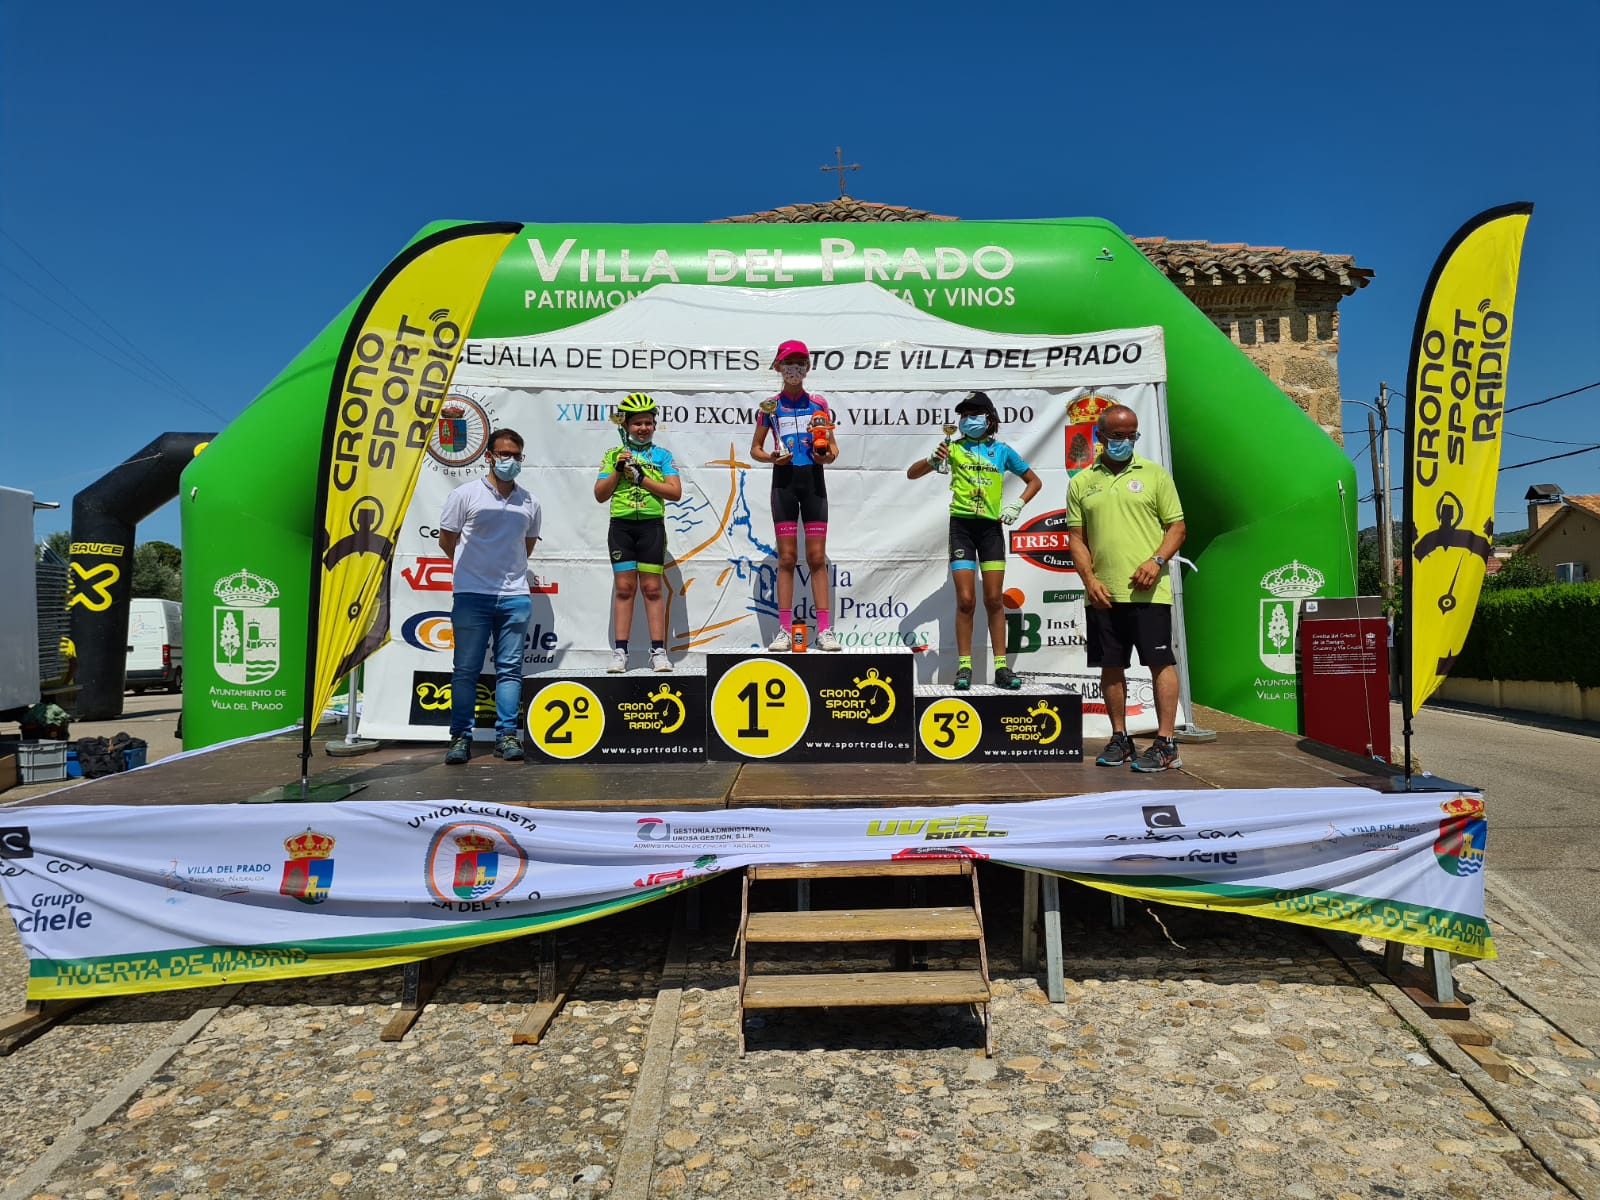 Los hermanos Moreno, Irene y Carlos, dominaron la gymkana de Villa del Prado